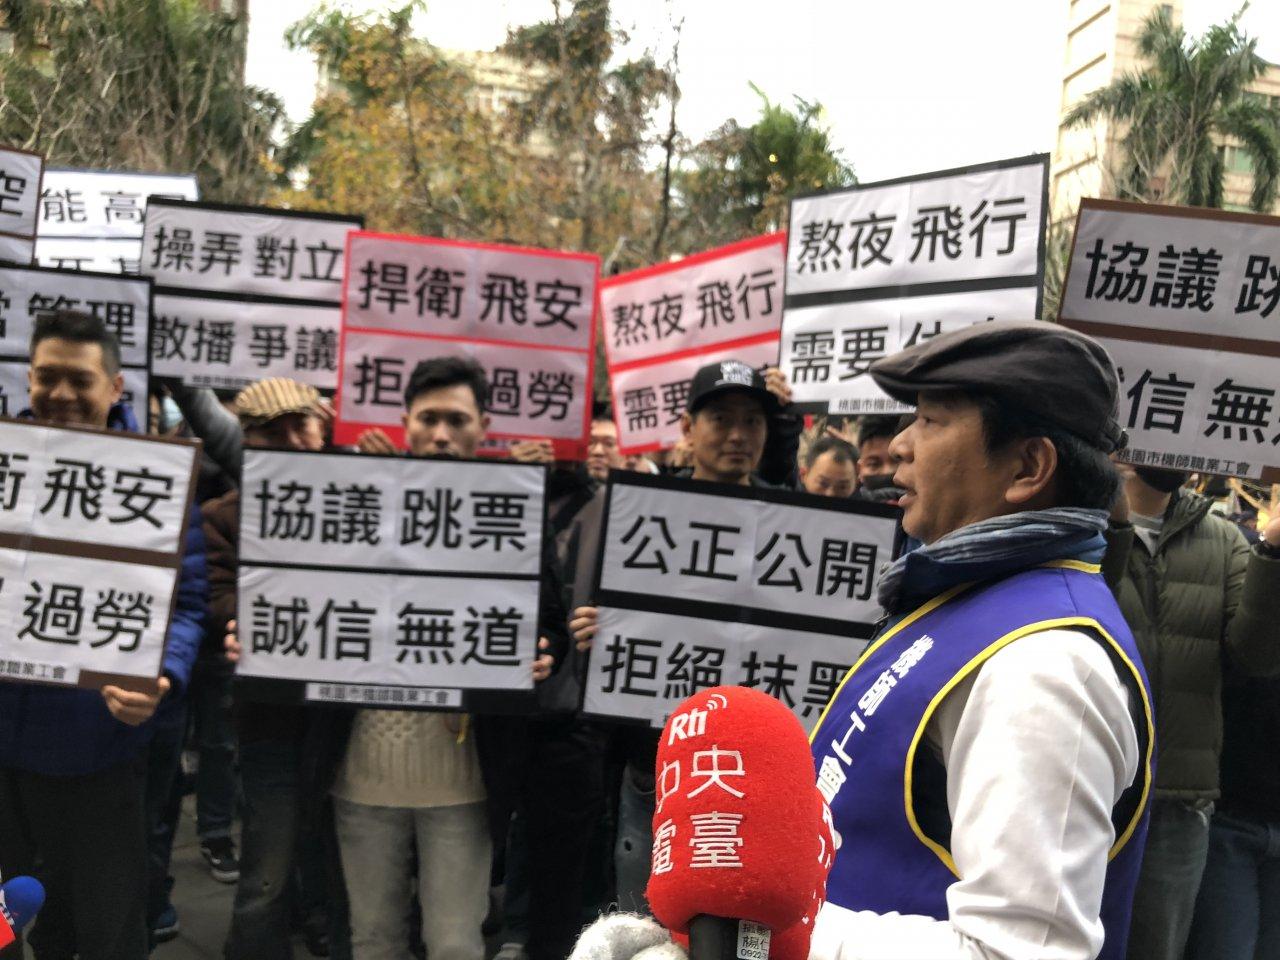 華航勞資協商仍無共識 機師罷工明天仍將繼續